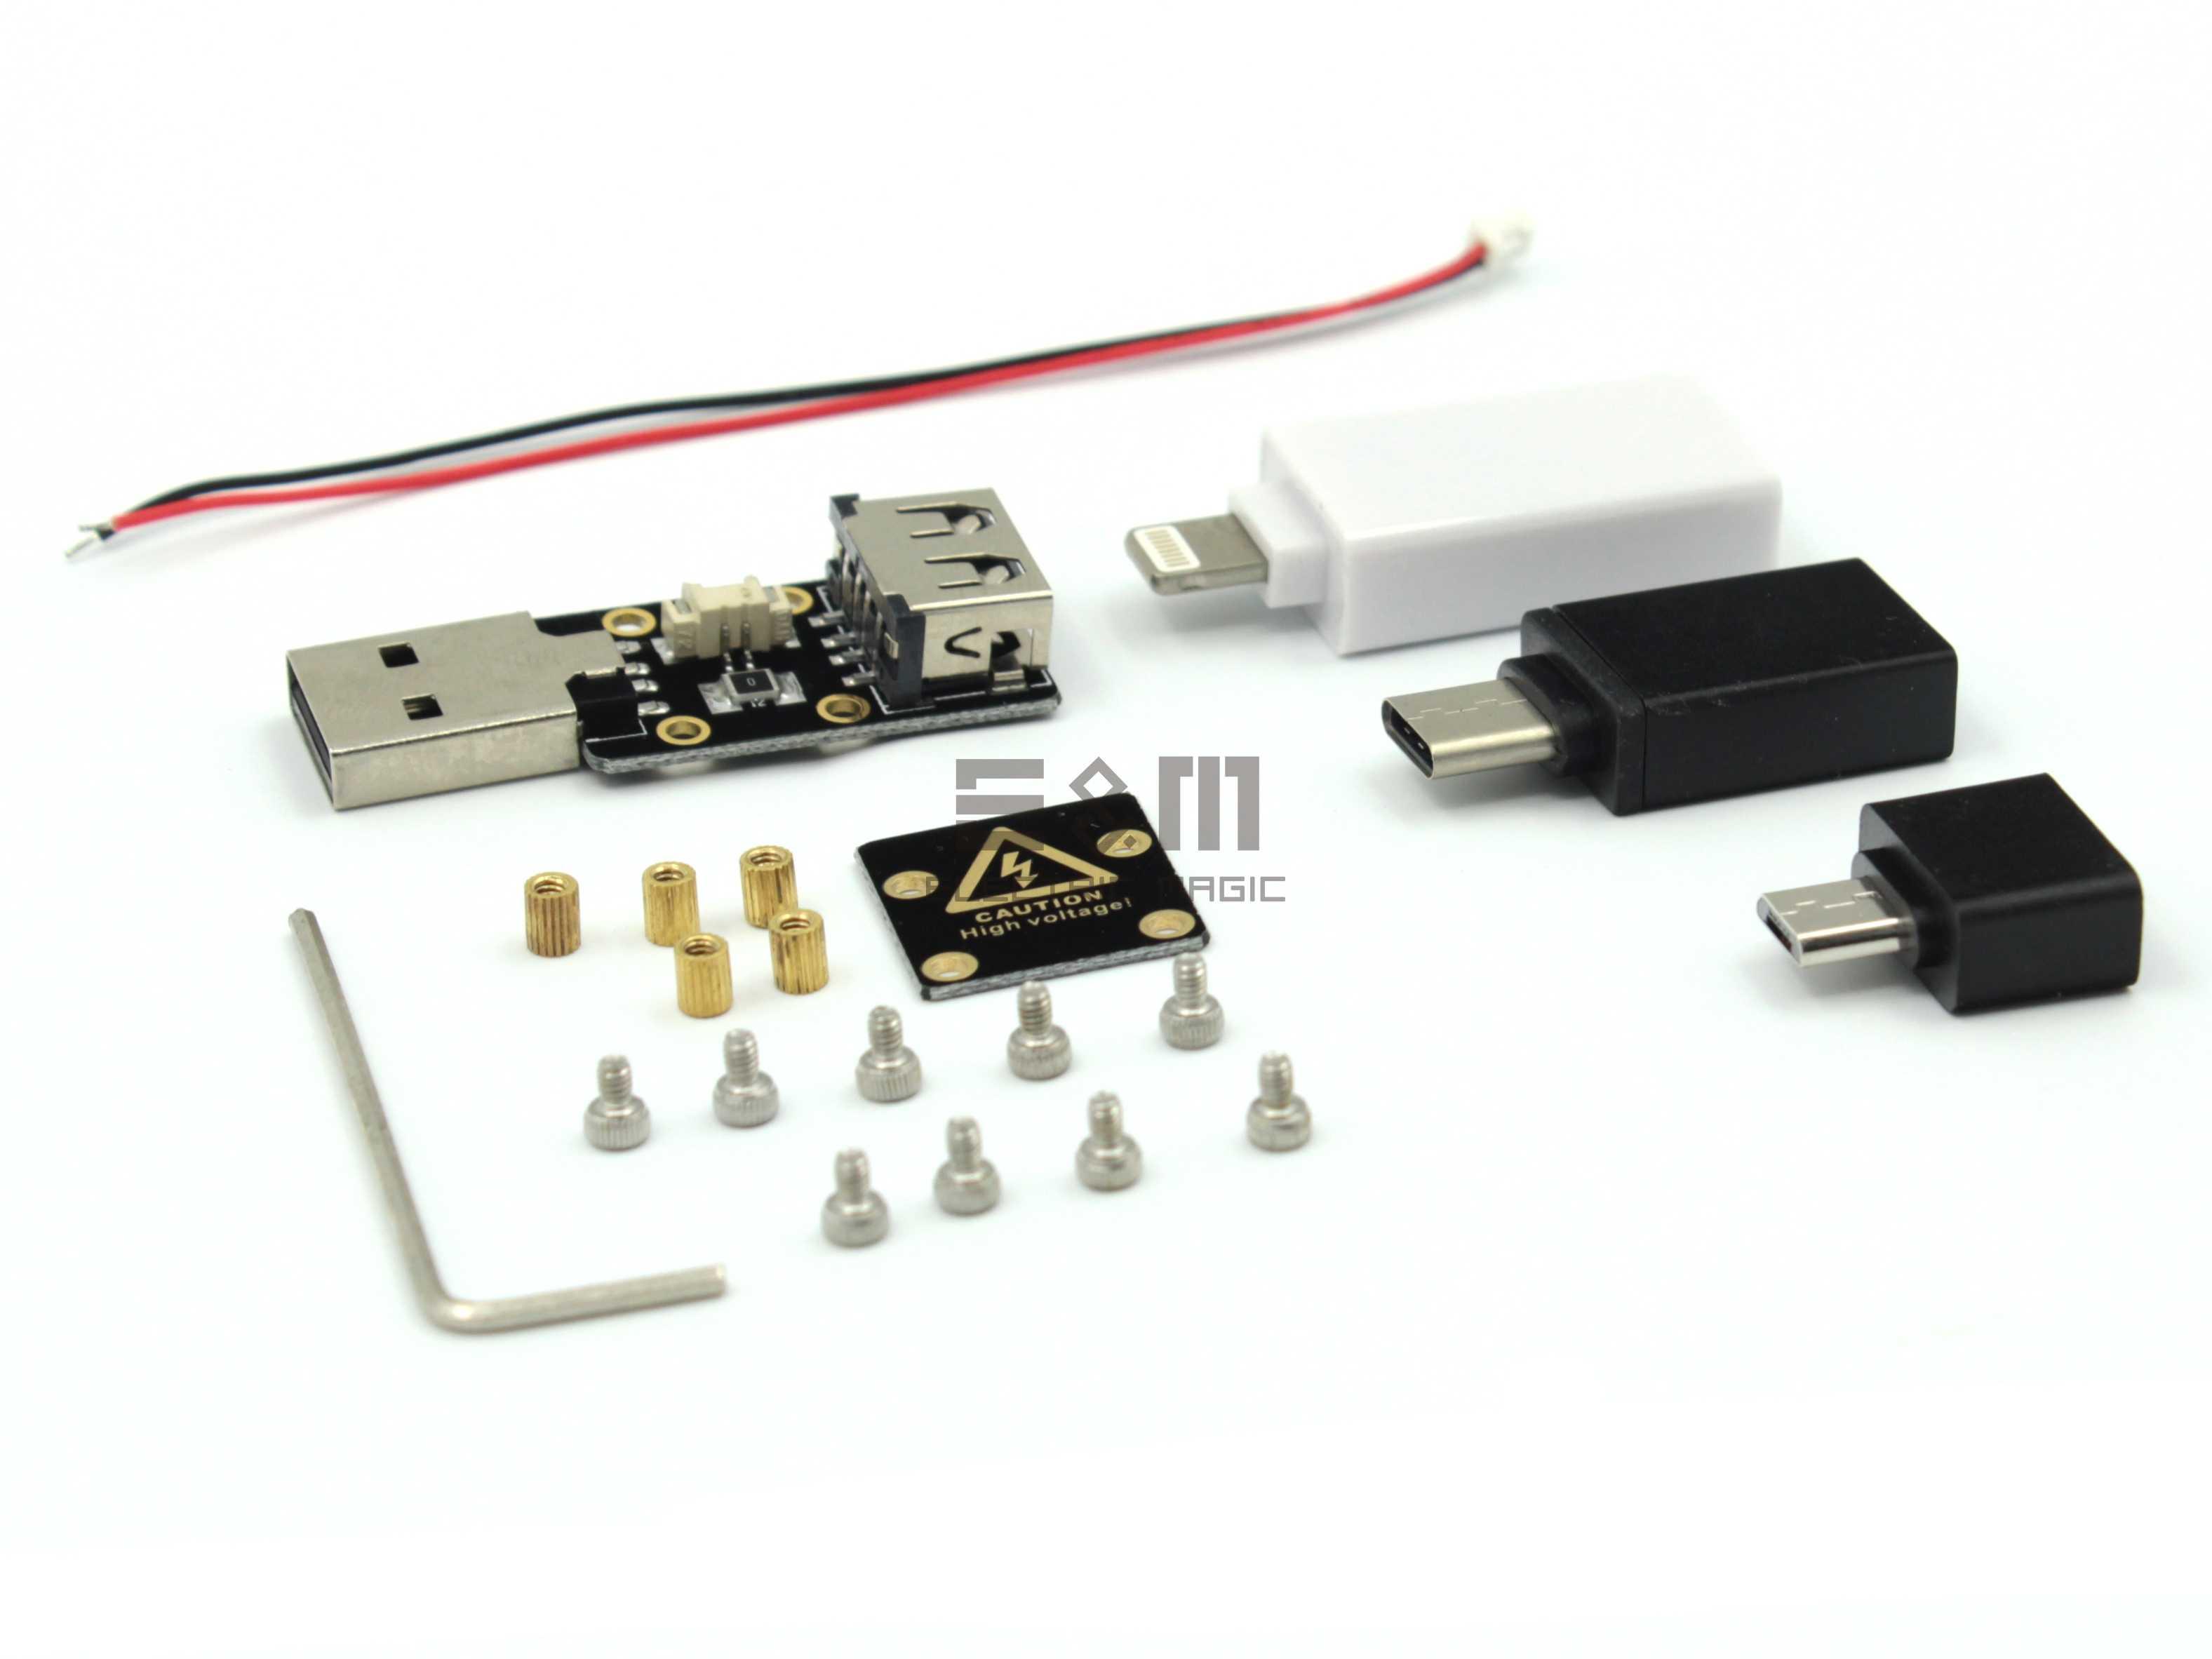 USB Killer V2 0 Replica 215 VDC Tester Mini High Voltage